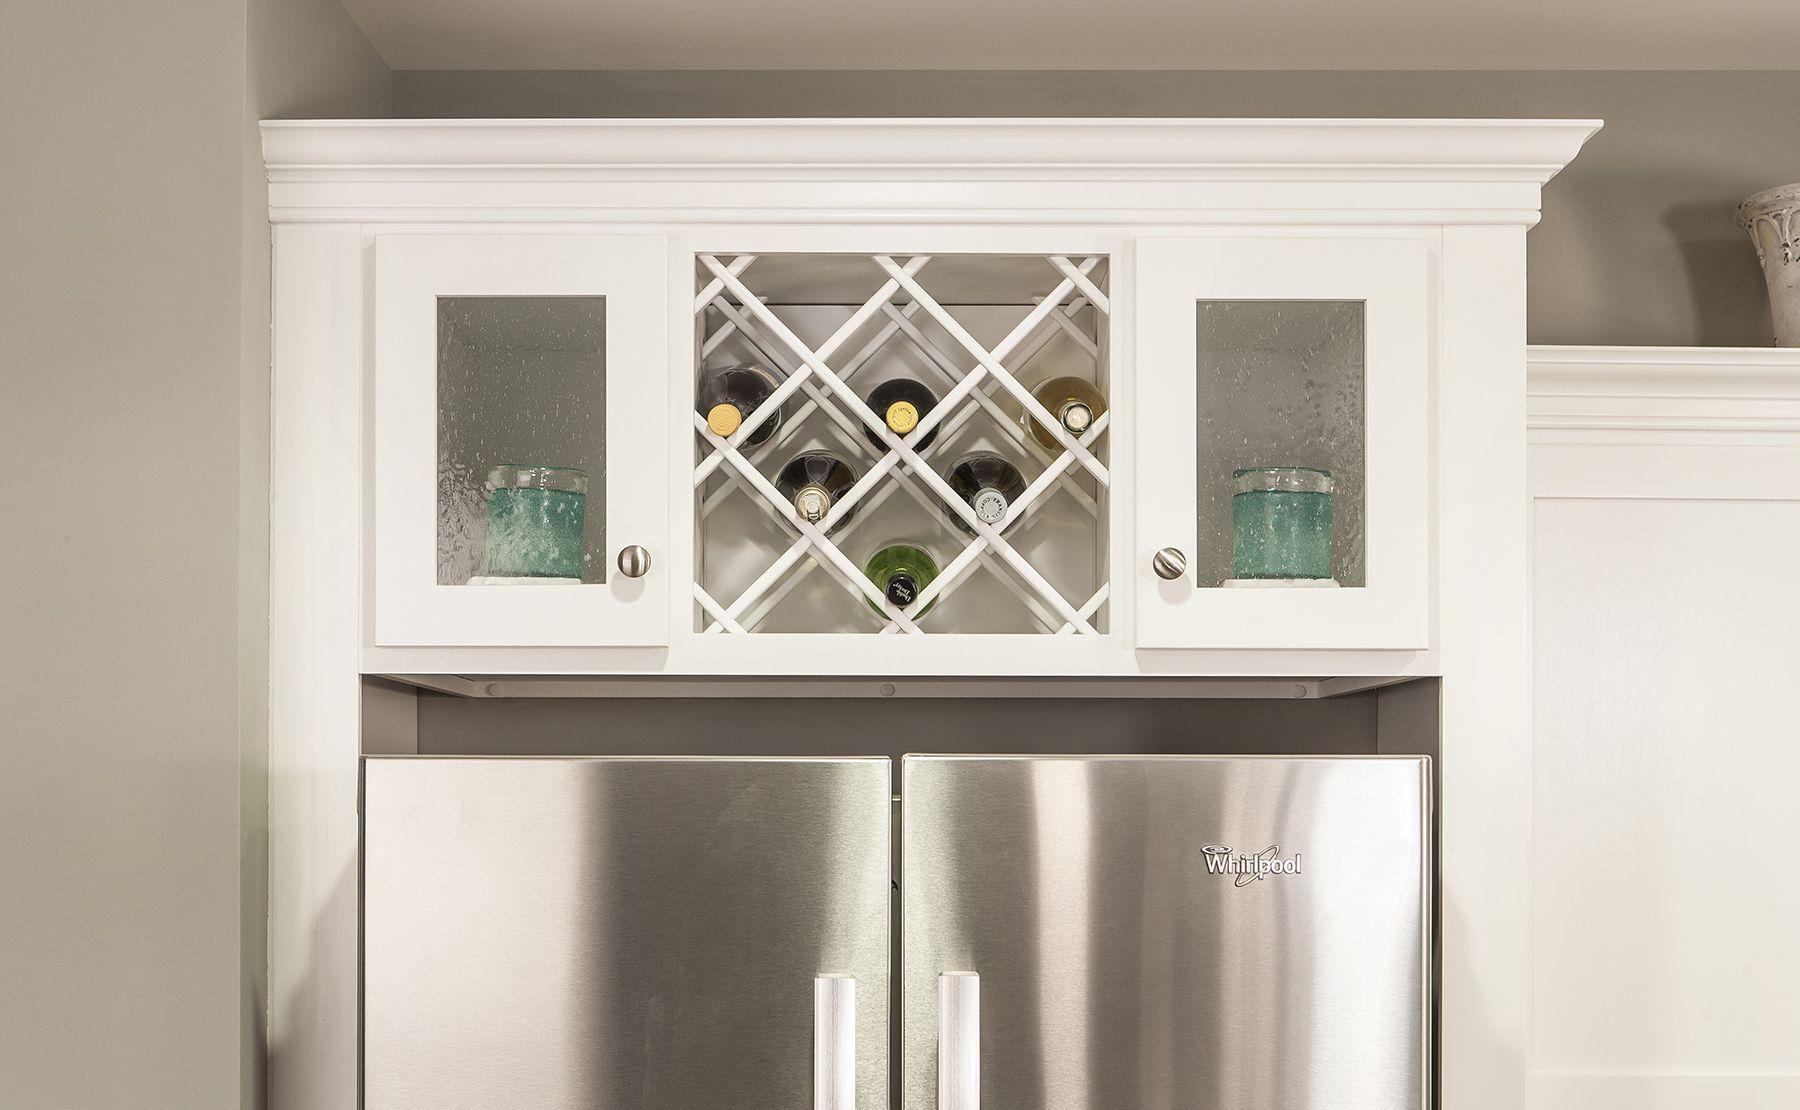 Wine Storage Over The Refrigerator Kitchen Wine Rack Built In Wine Rack Kitchen Design